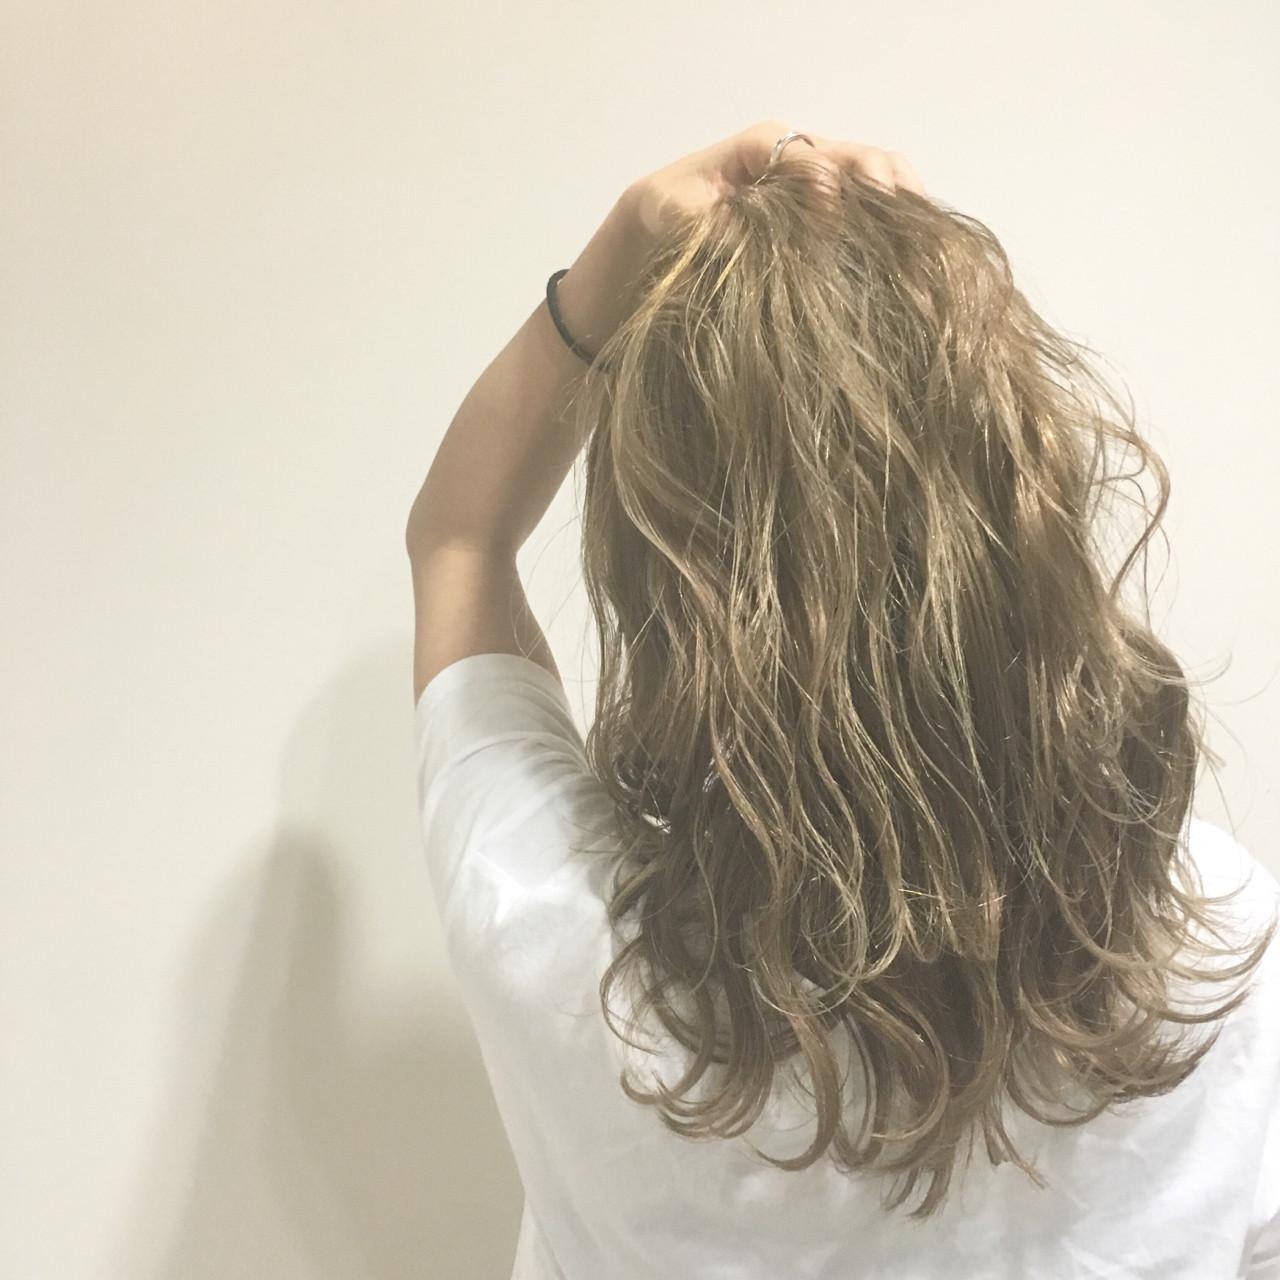 セミロング ストリート ヘアアレンジ ウェットヘアヘアスタイルや髪型の写真・画像